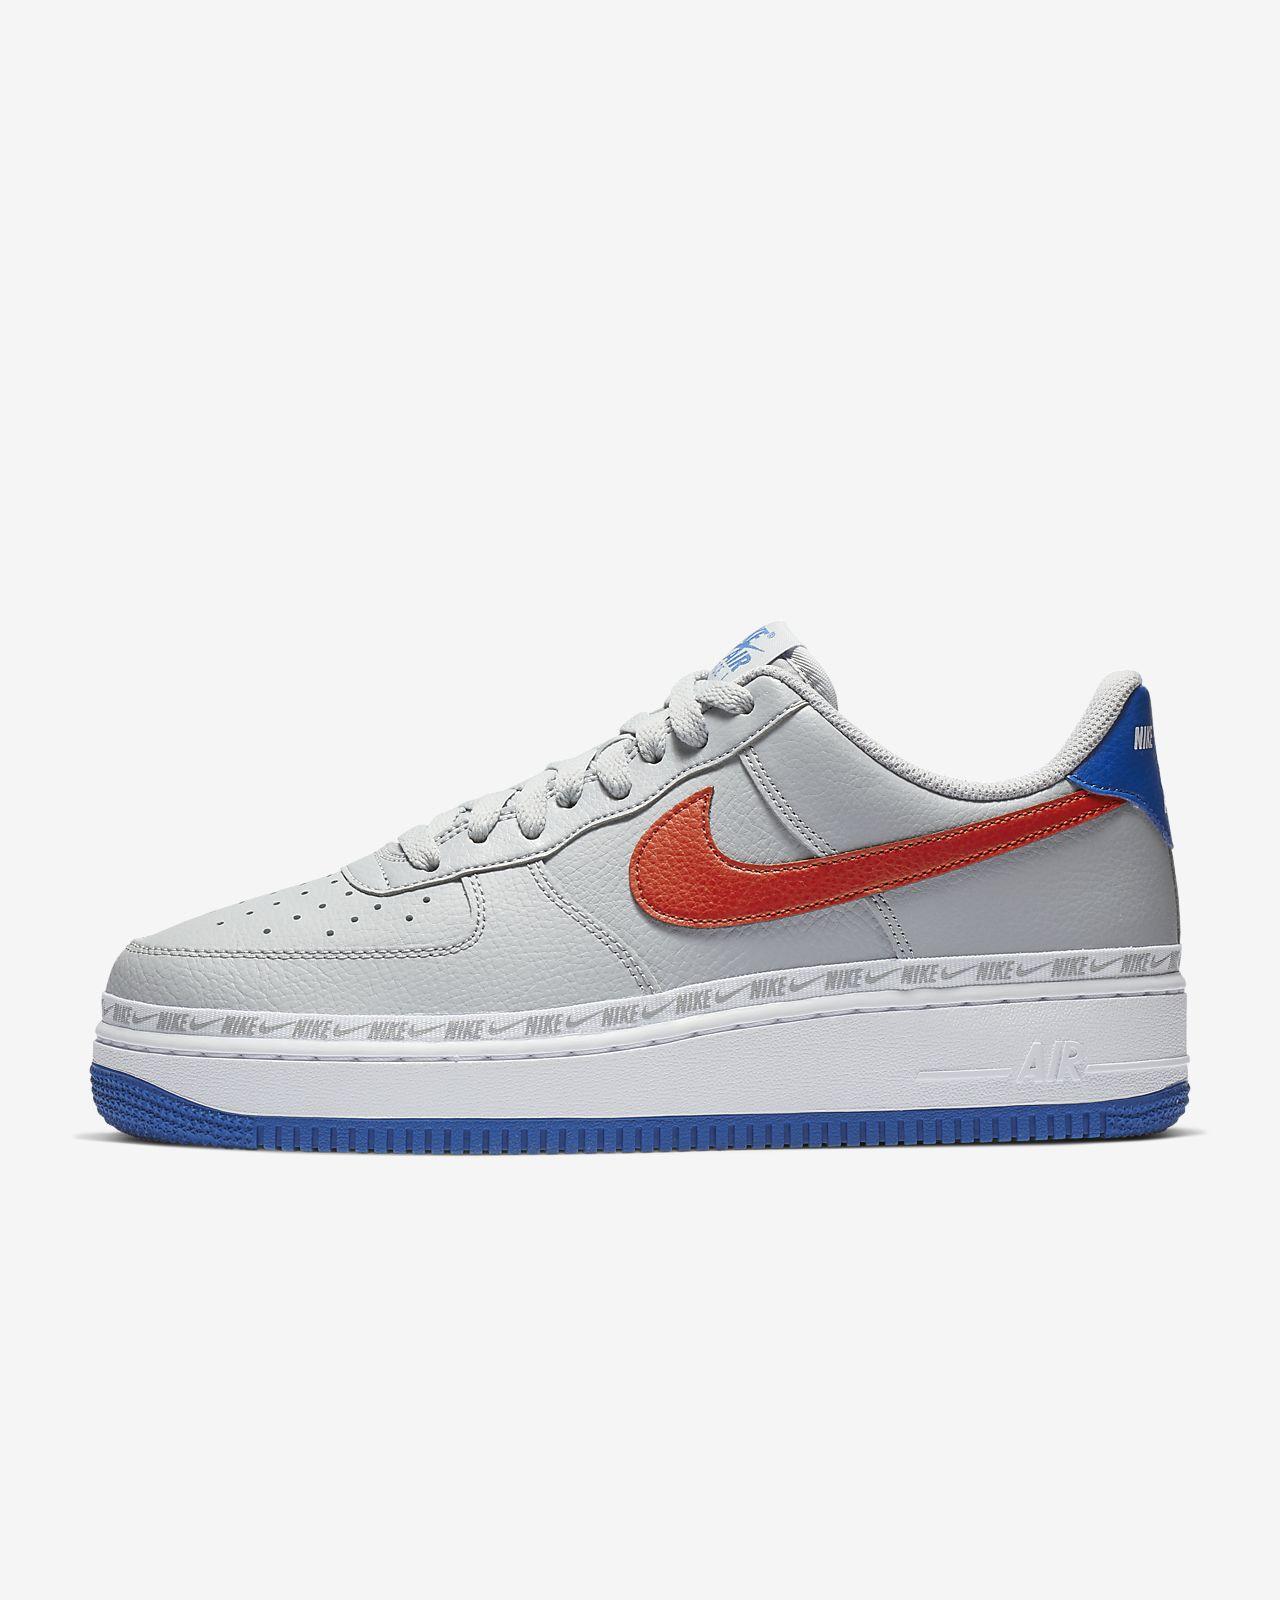 13203ec4d56e2 Nike Air Force 1  07 LV8 Men s Shoe. Nike.com GB